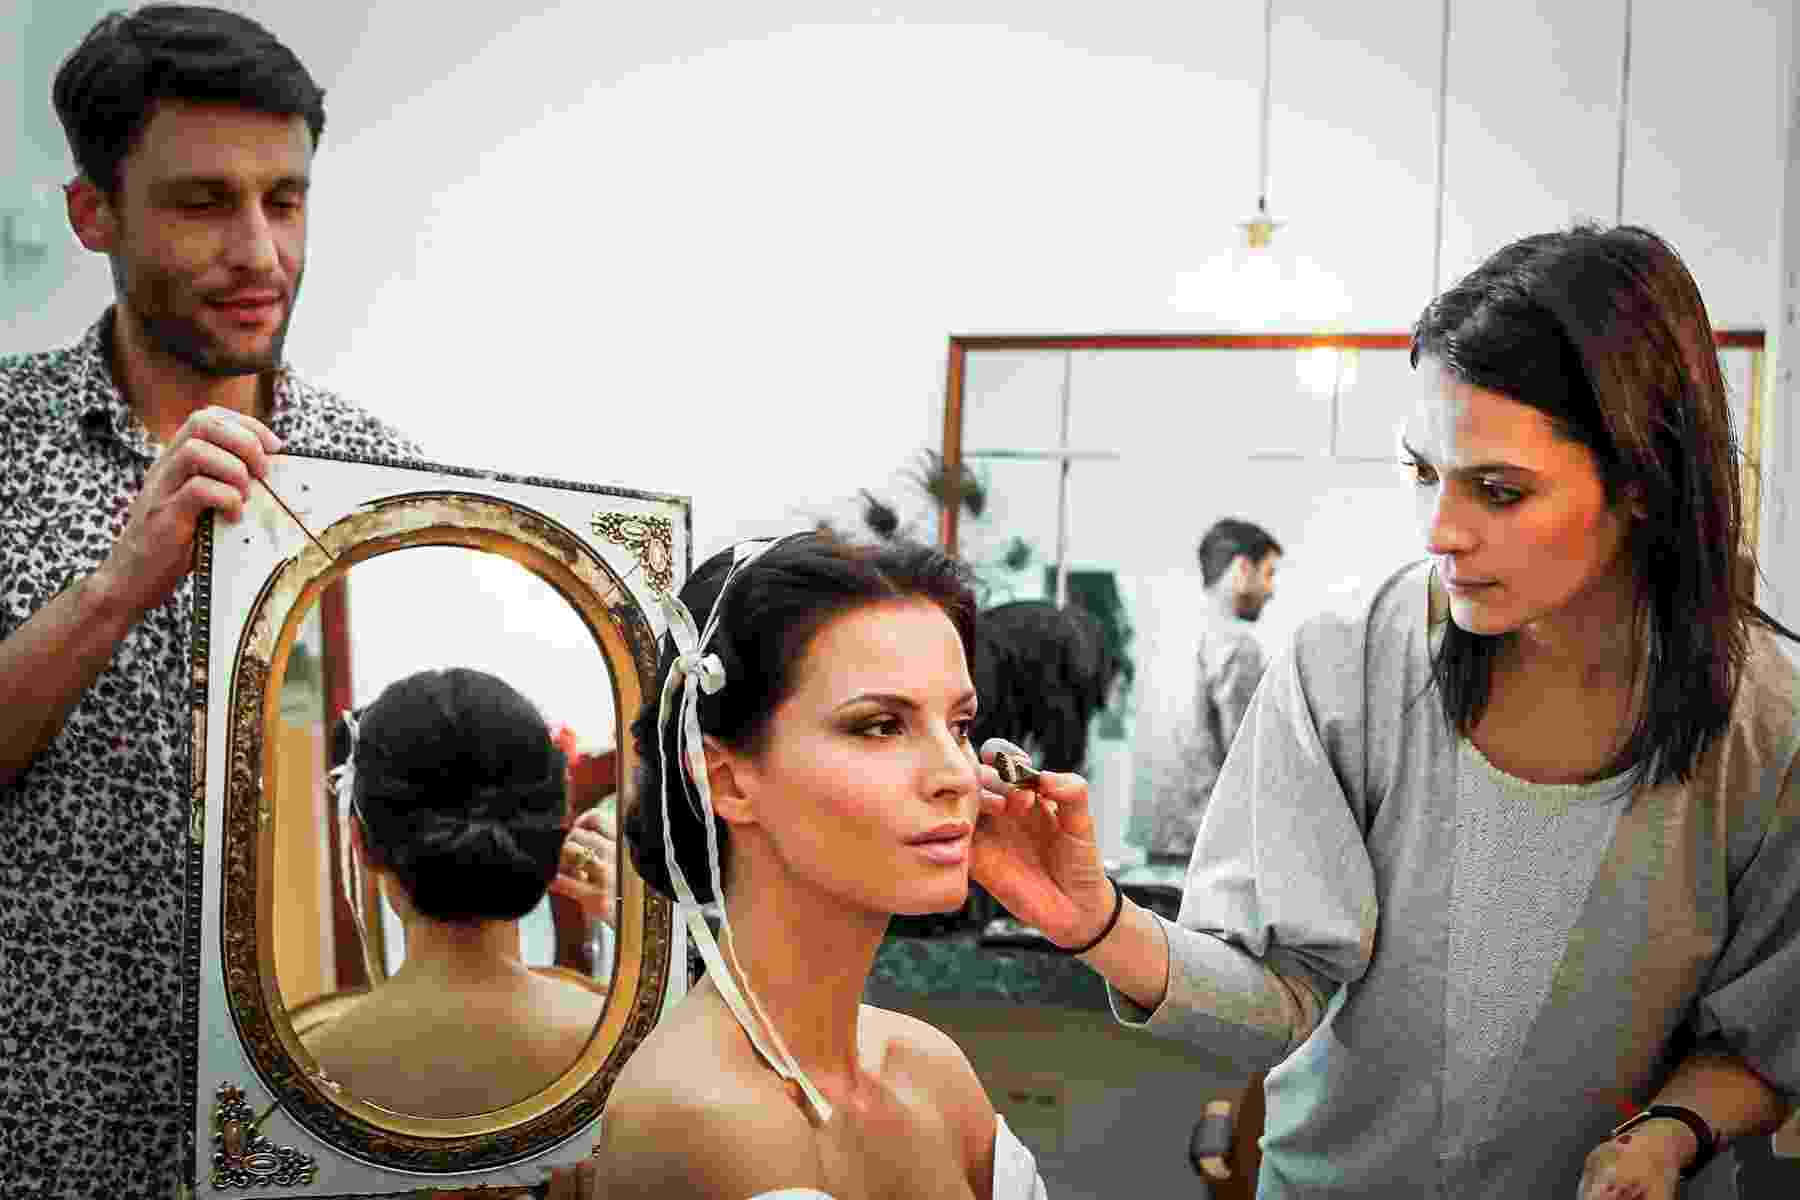 Passo a passo de beleza para noiva elaborado por Vanessa Rozan e Vito Mariella, do Liceu de maquiagem - Leandro Moraes/UOL